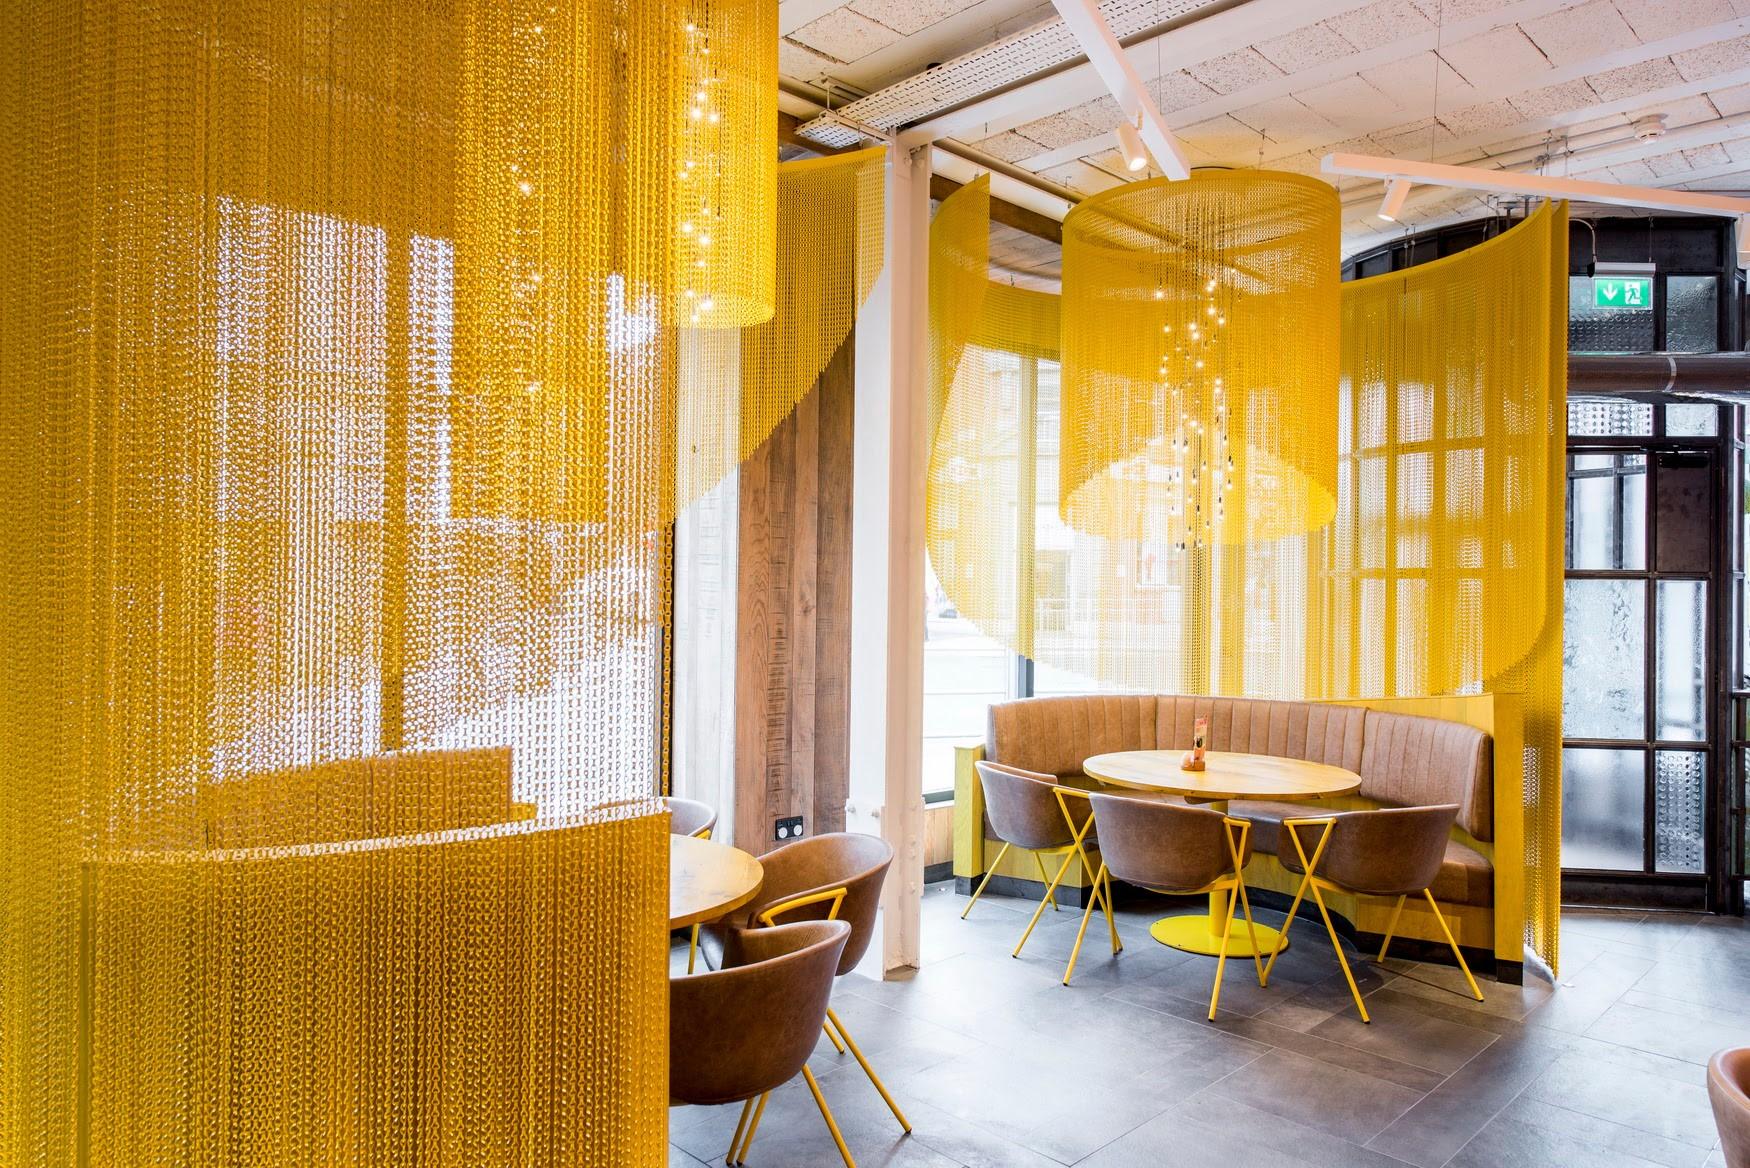 kriskadecor nando's altrincham restaurant Stac Architecture Ltd.